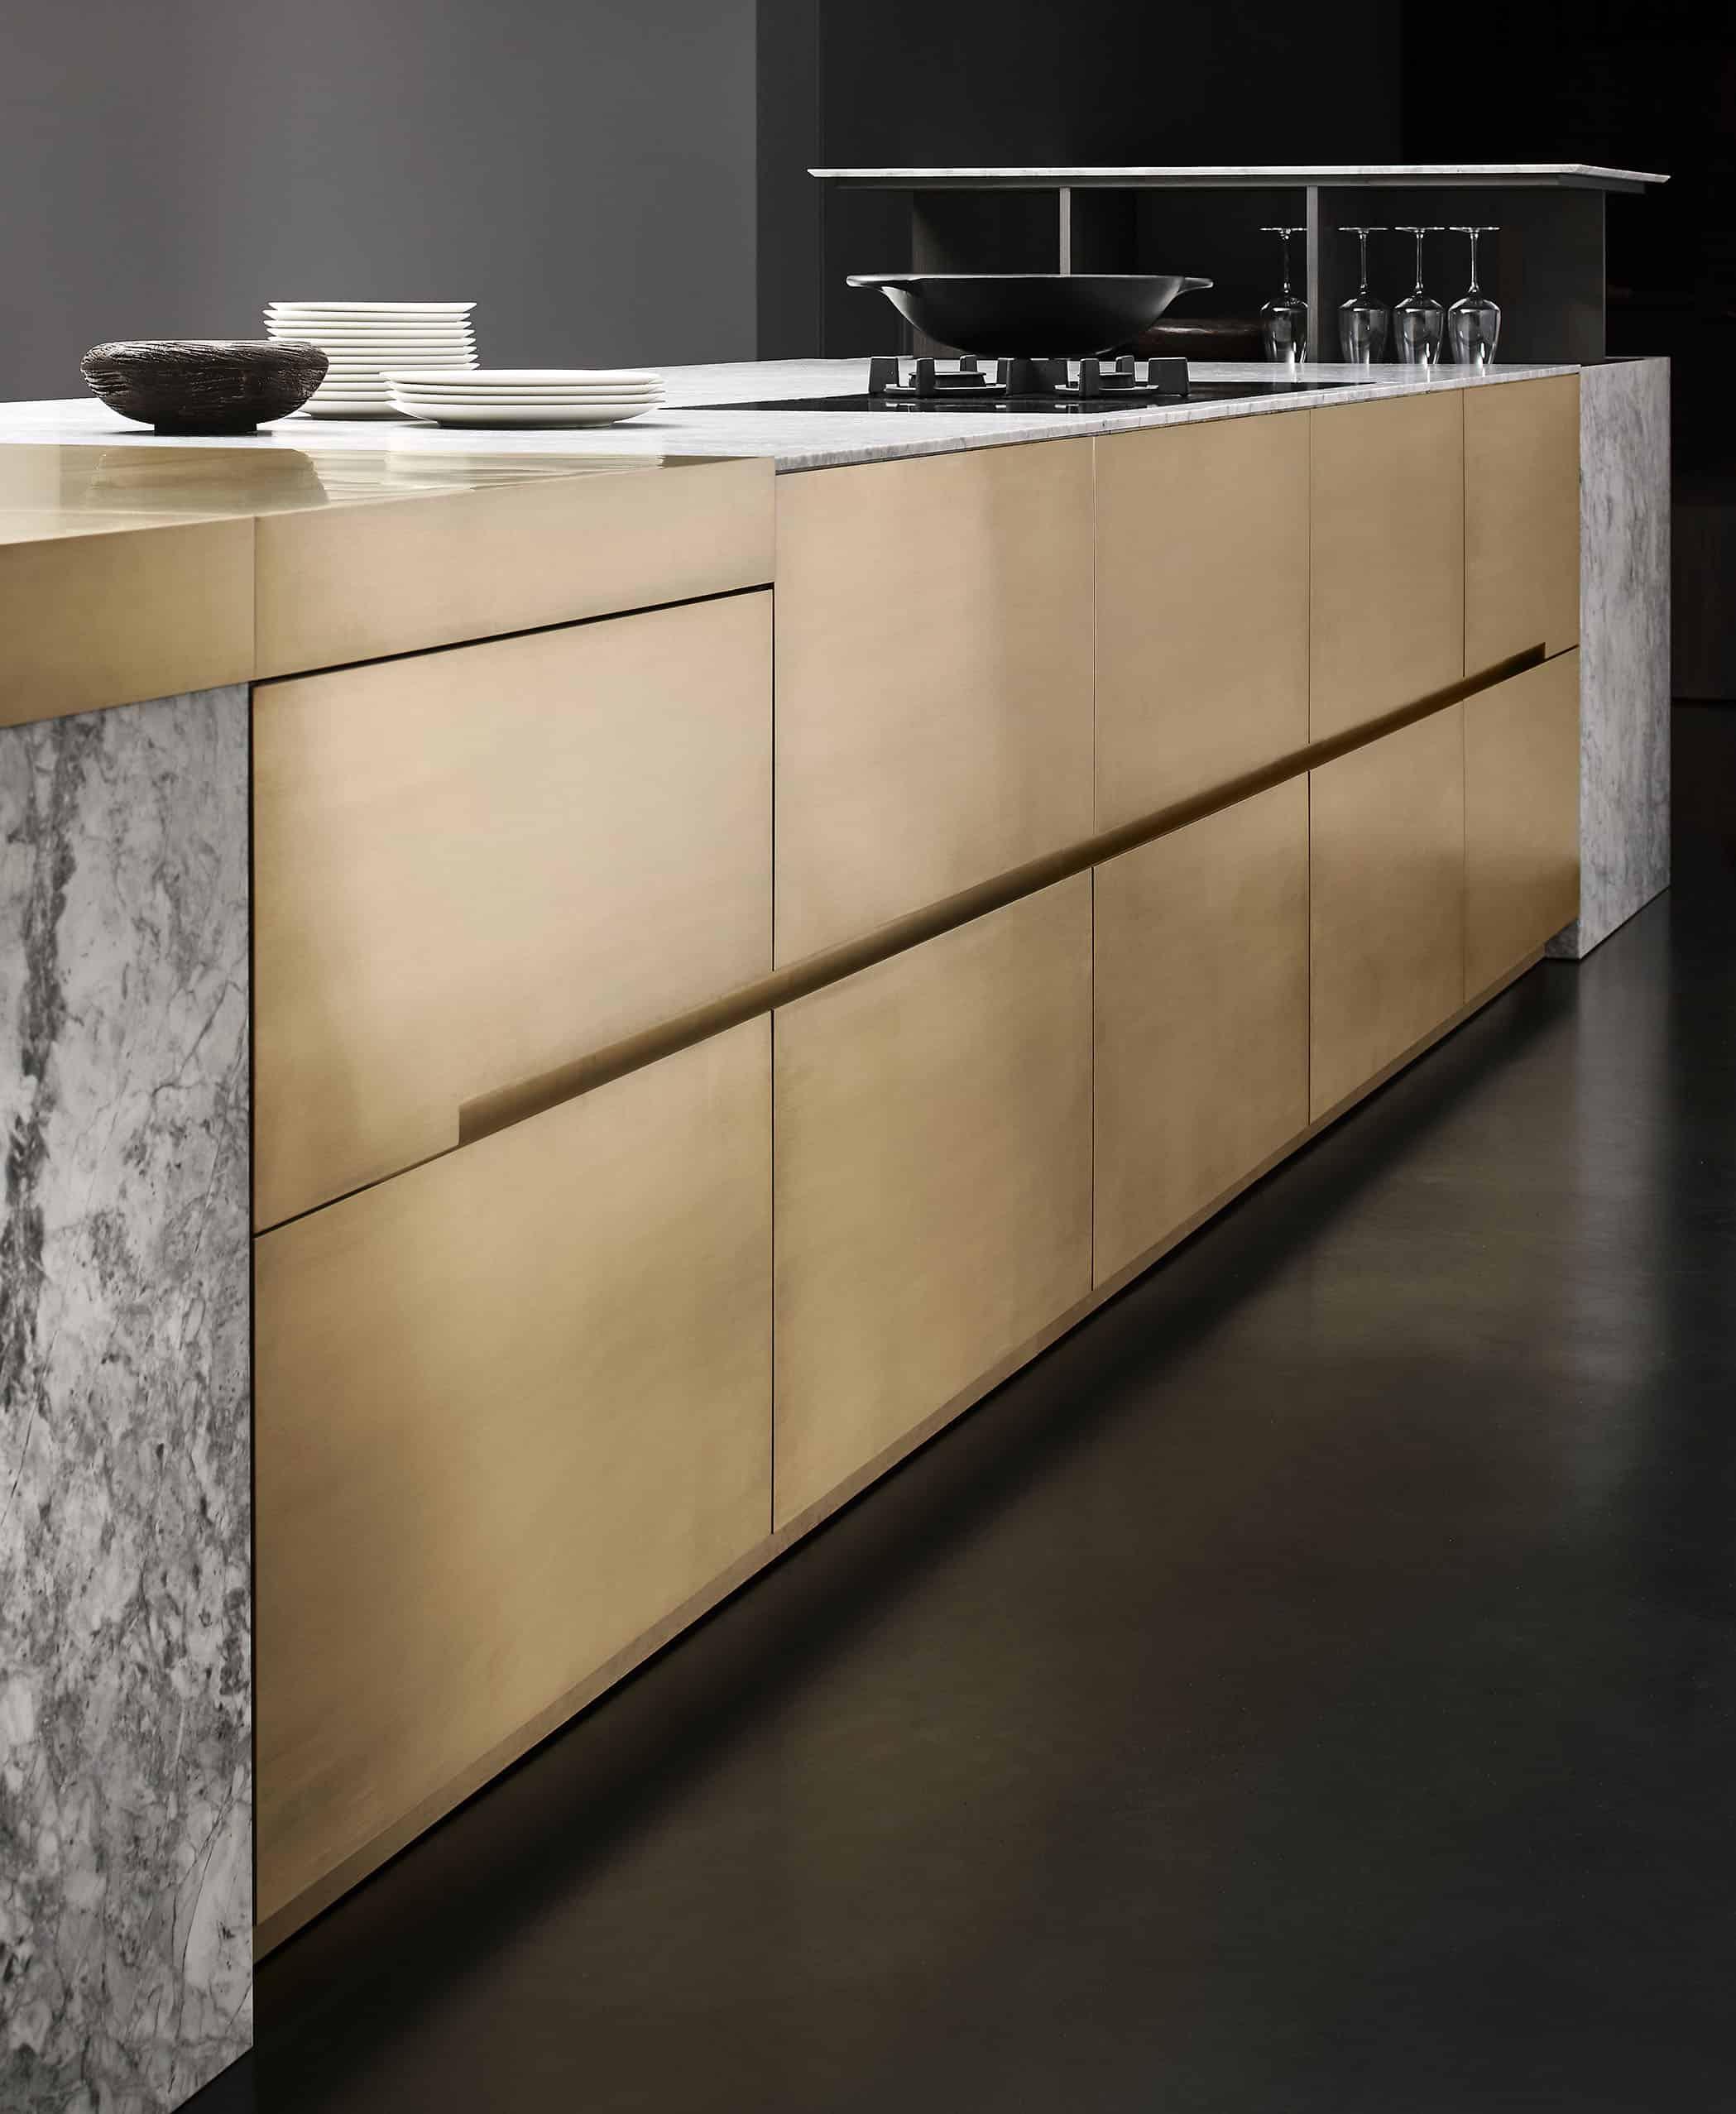 handleless german cabinets make an ultra-modern statement